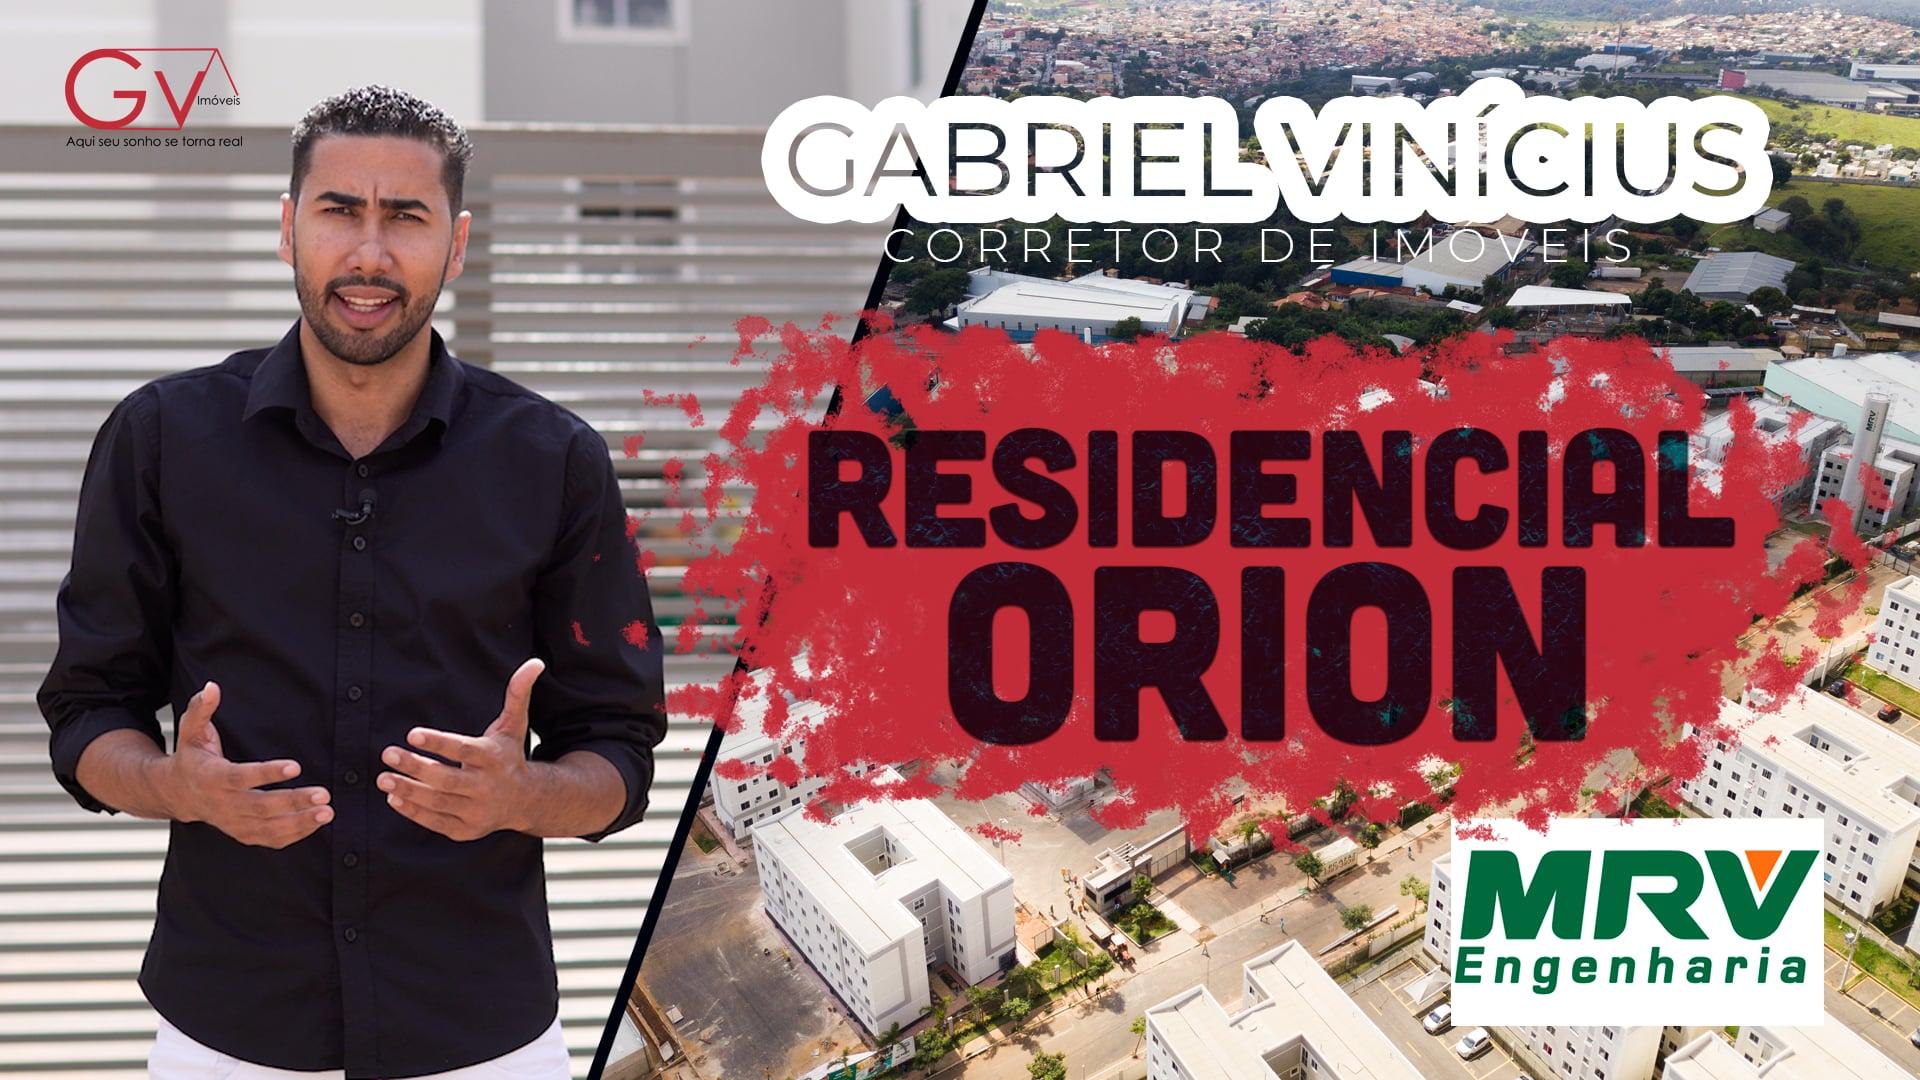 Gabriel Vinícius - Corretor de Imóveis | Residencial Orion MRV